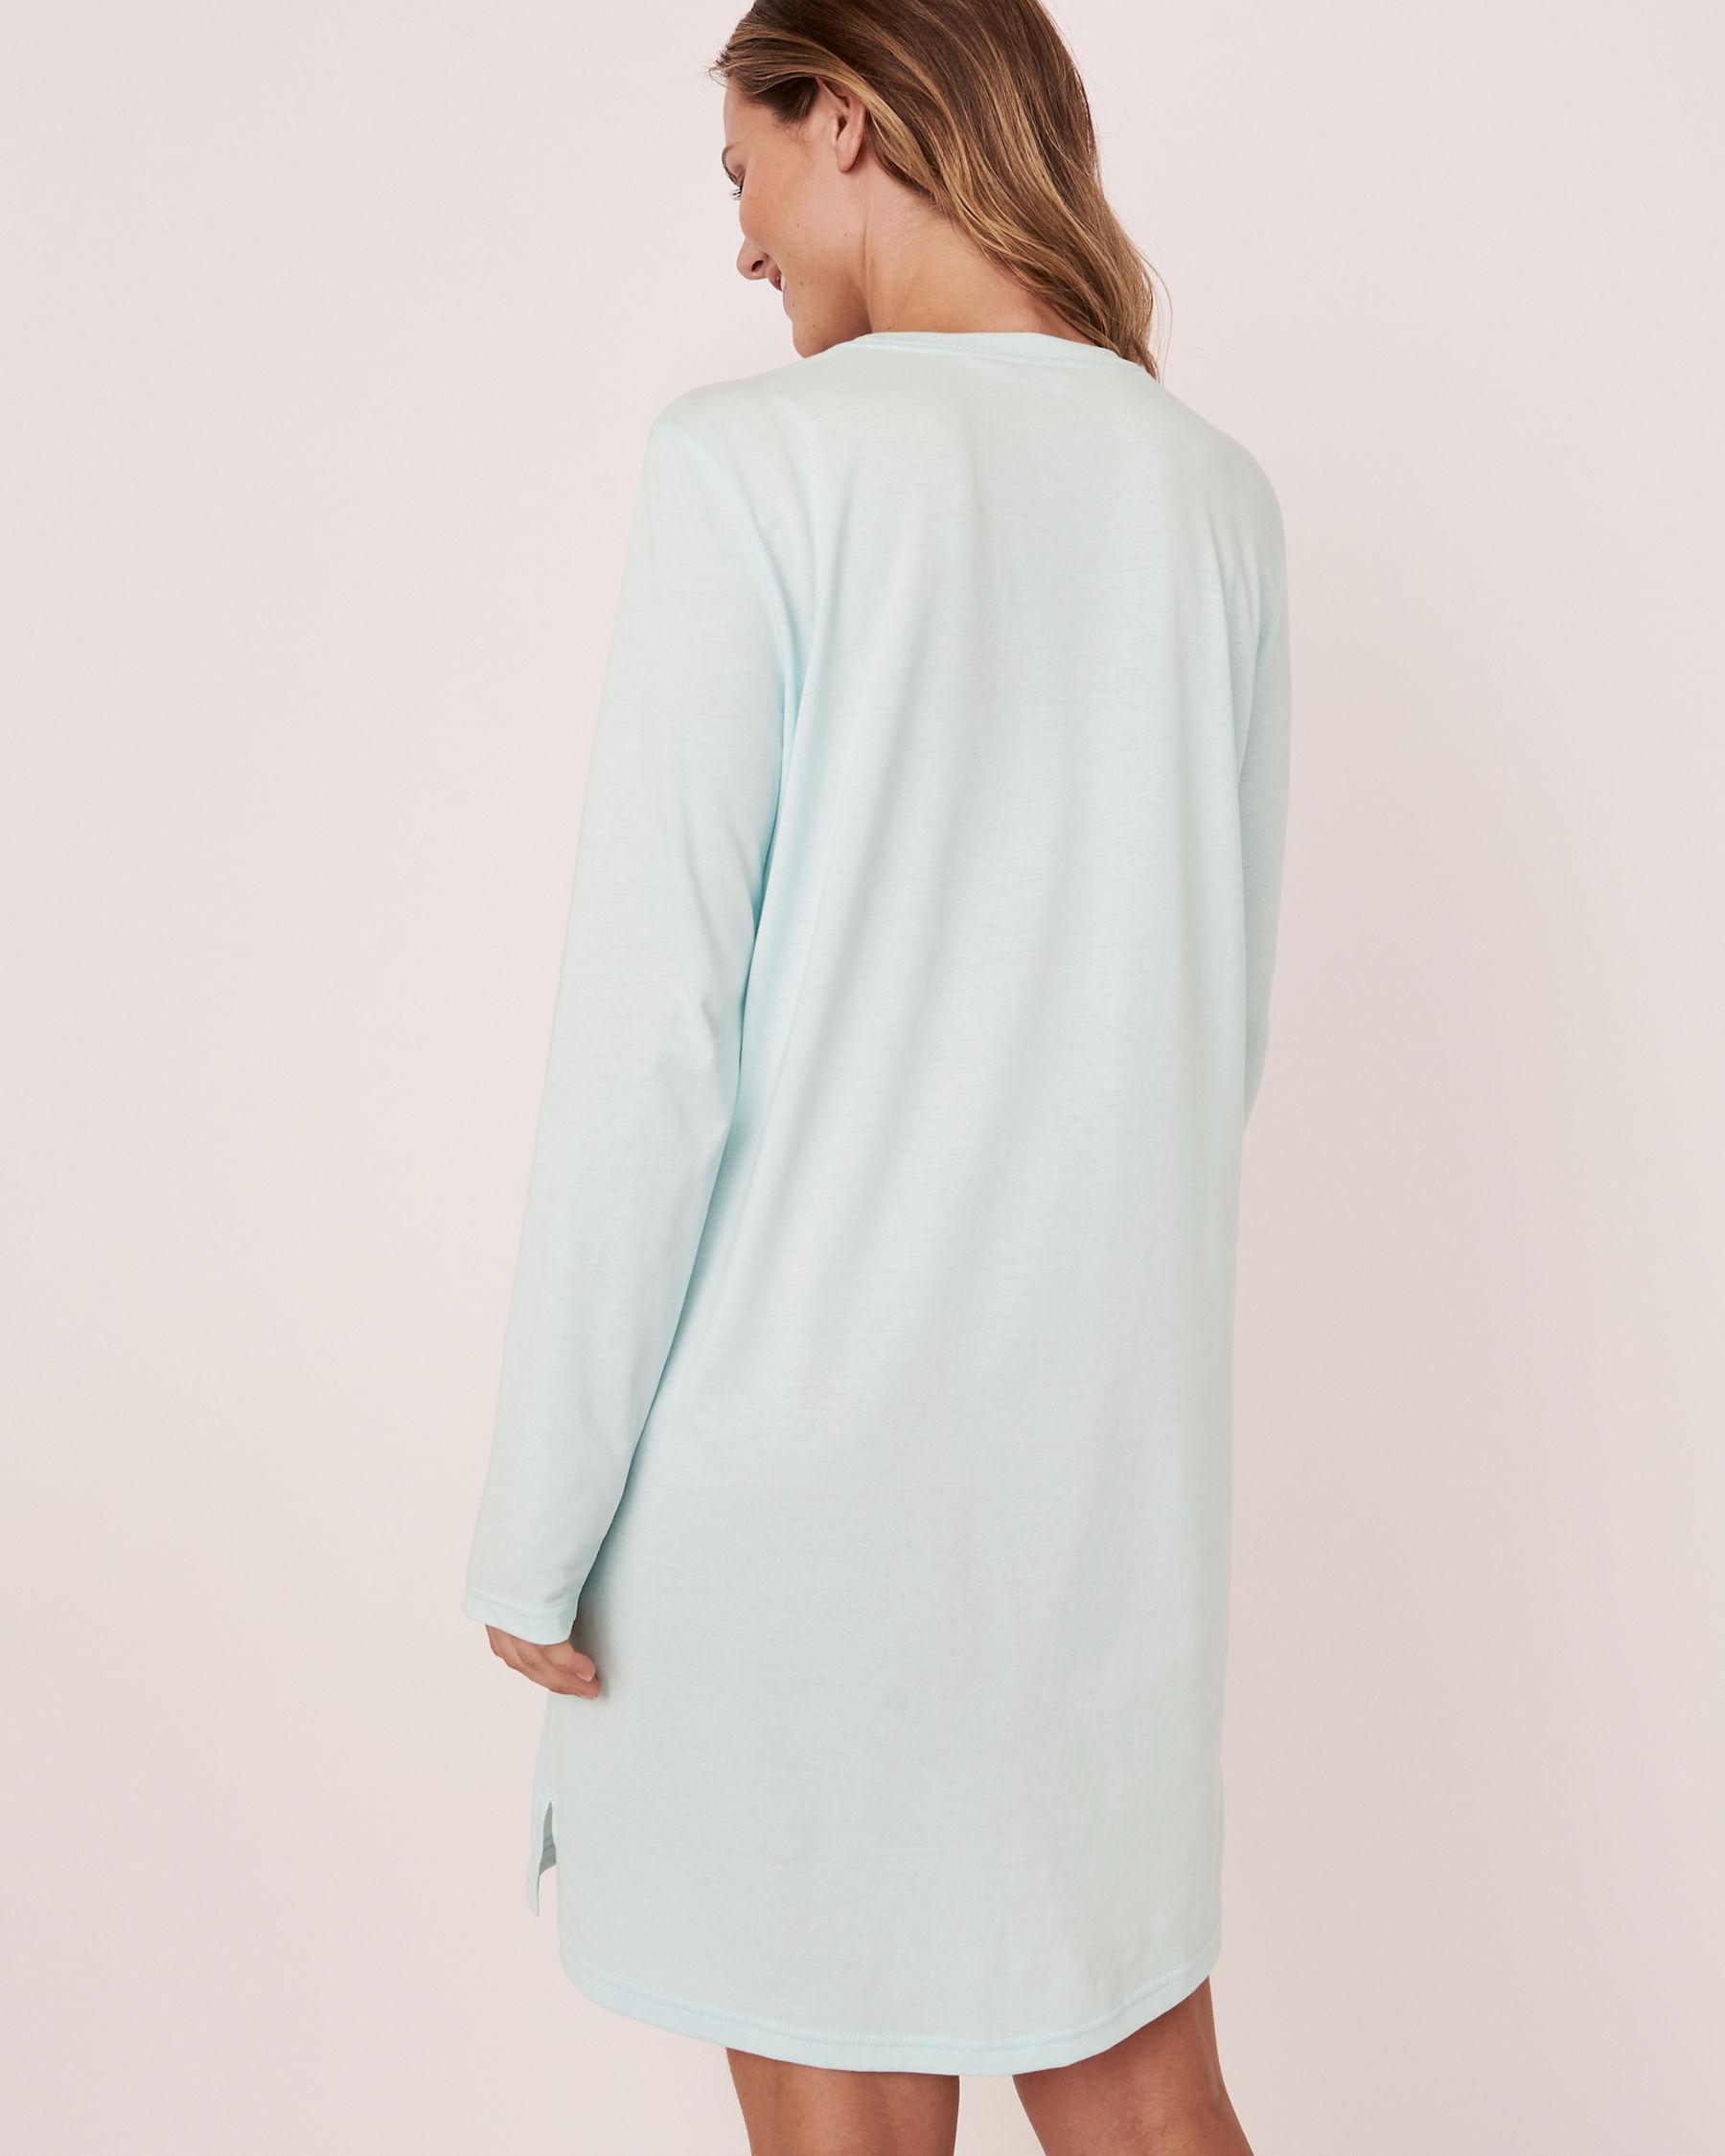 LA VIE EN ROSE Scoop Neck Long Sleeve Sleepshirt Blue glow 40500105 - View3